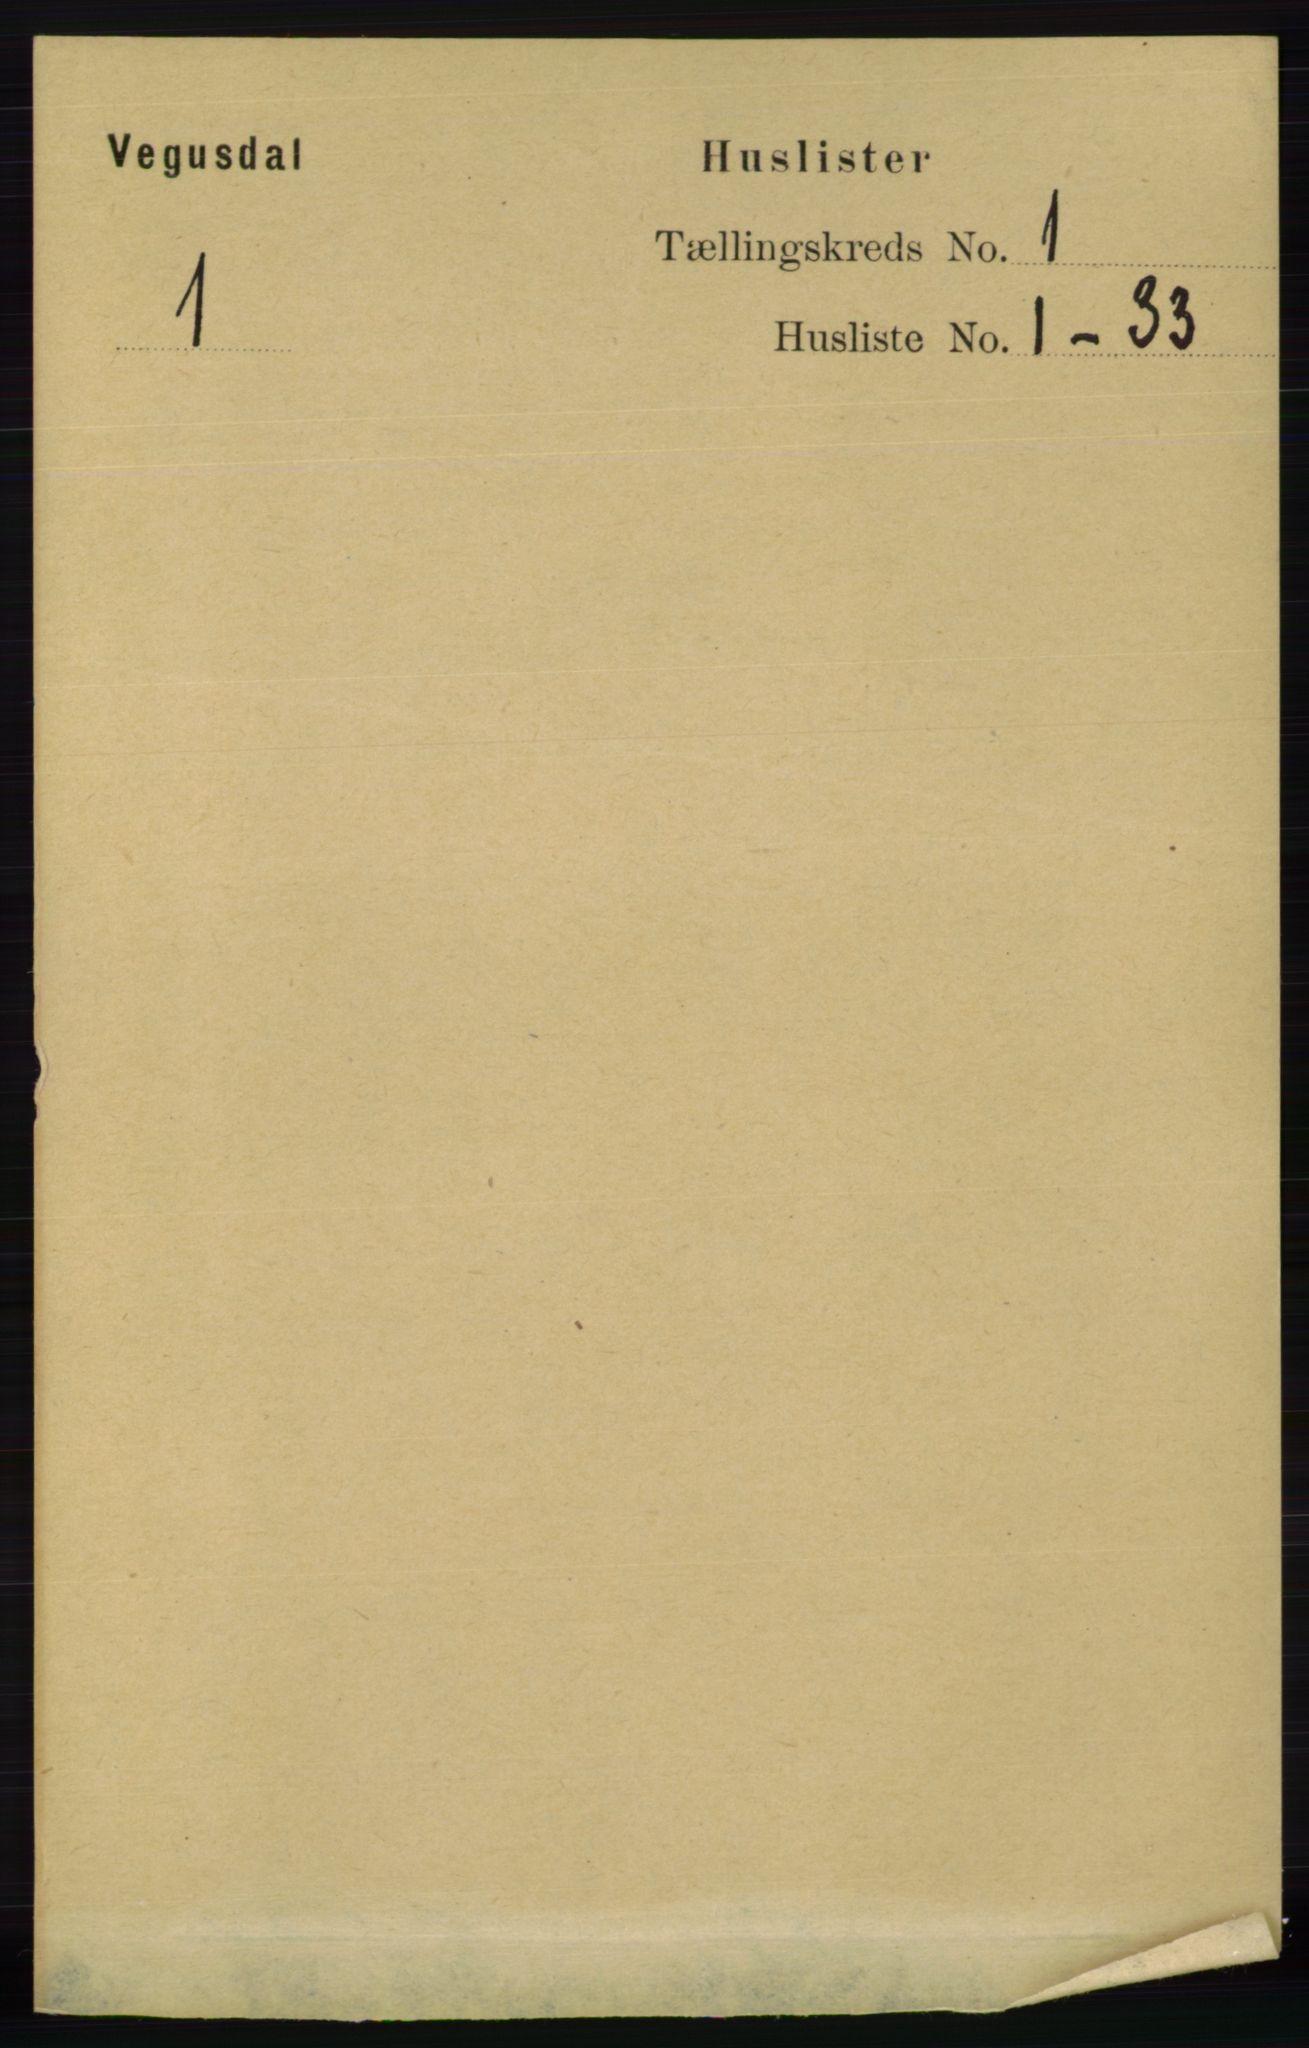 RA, Folketelling 1891 for 0934 Vegusdal herred, 1891, s. 18